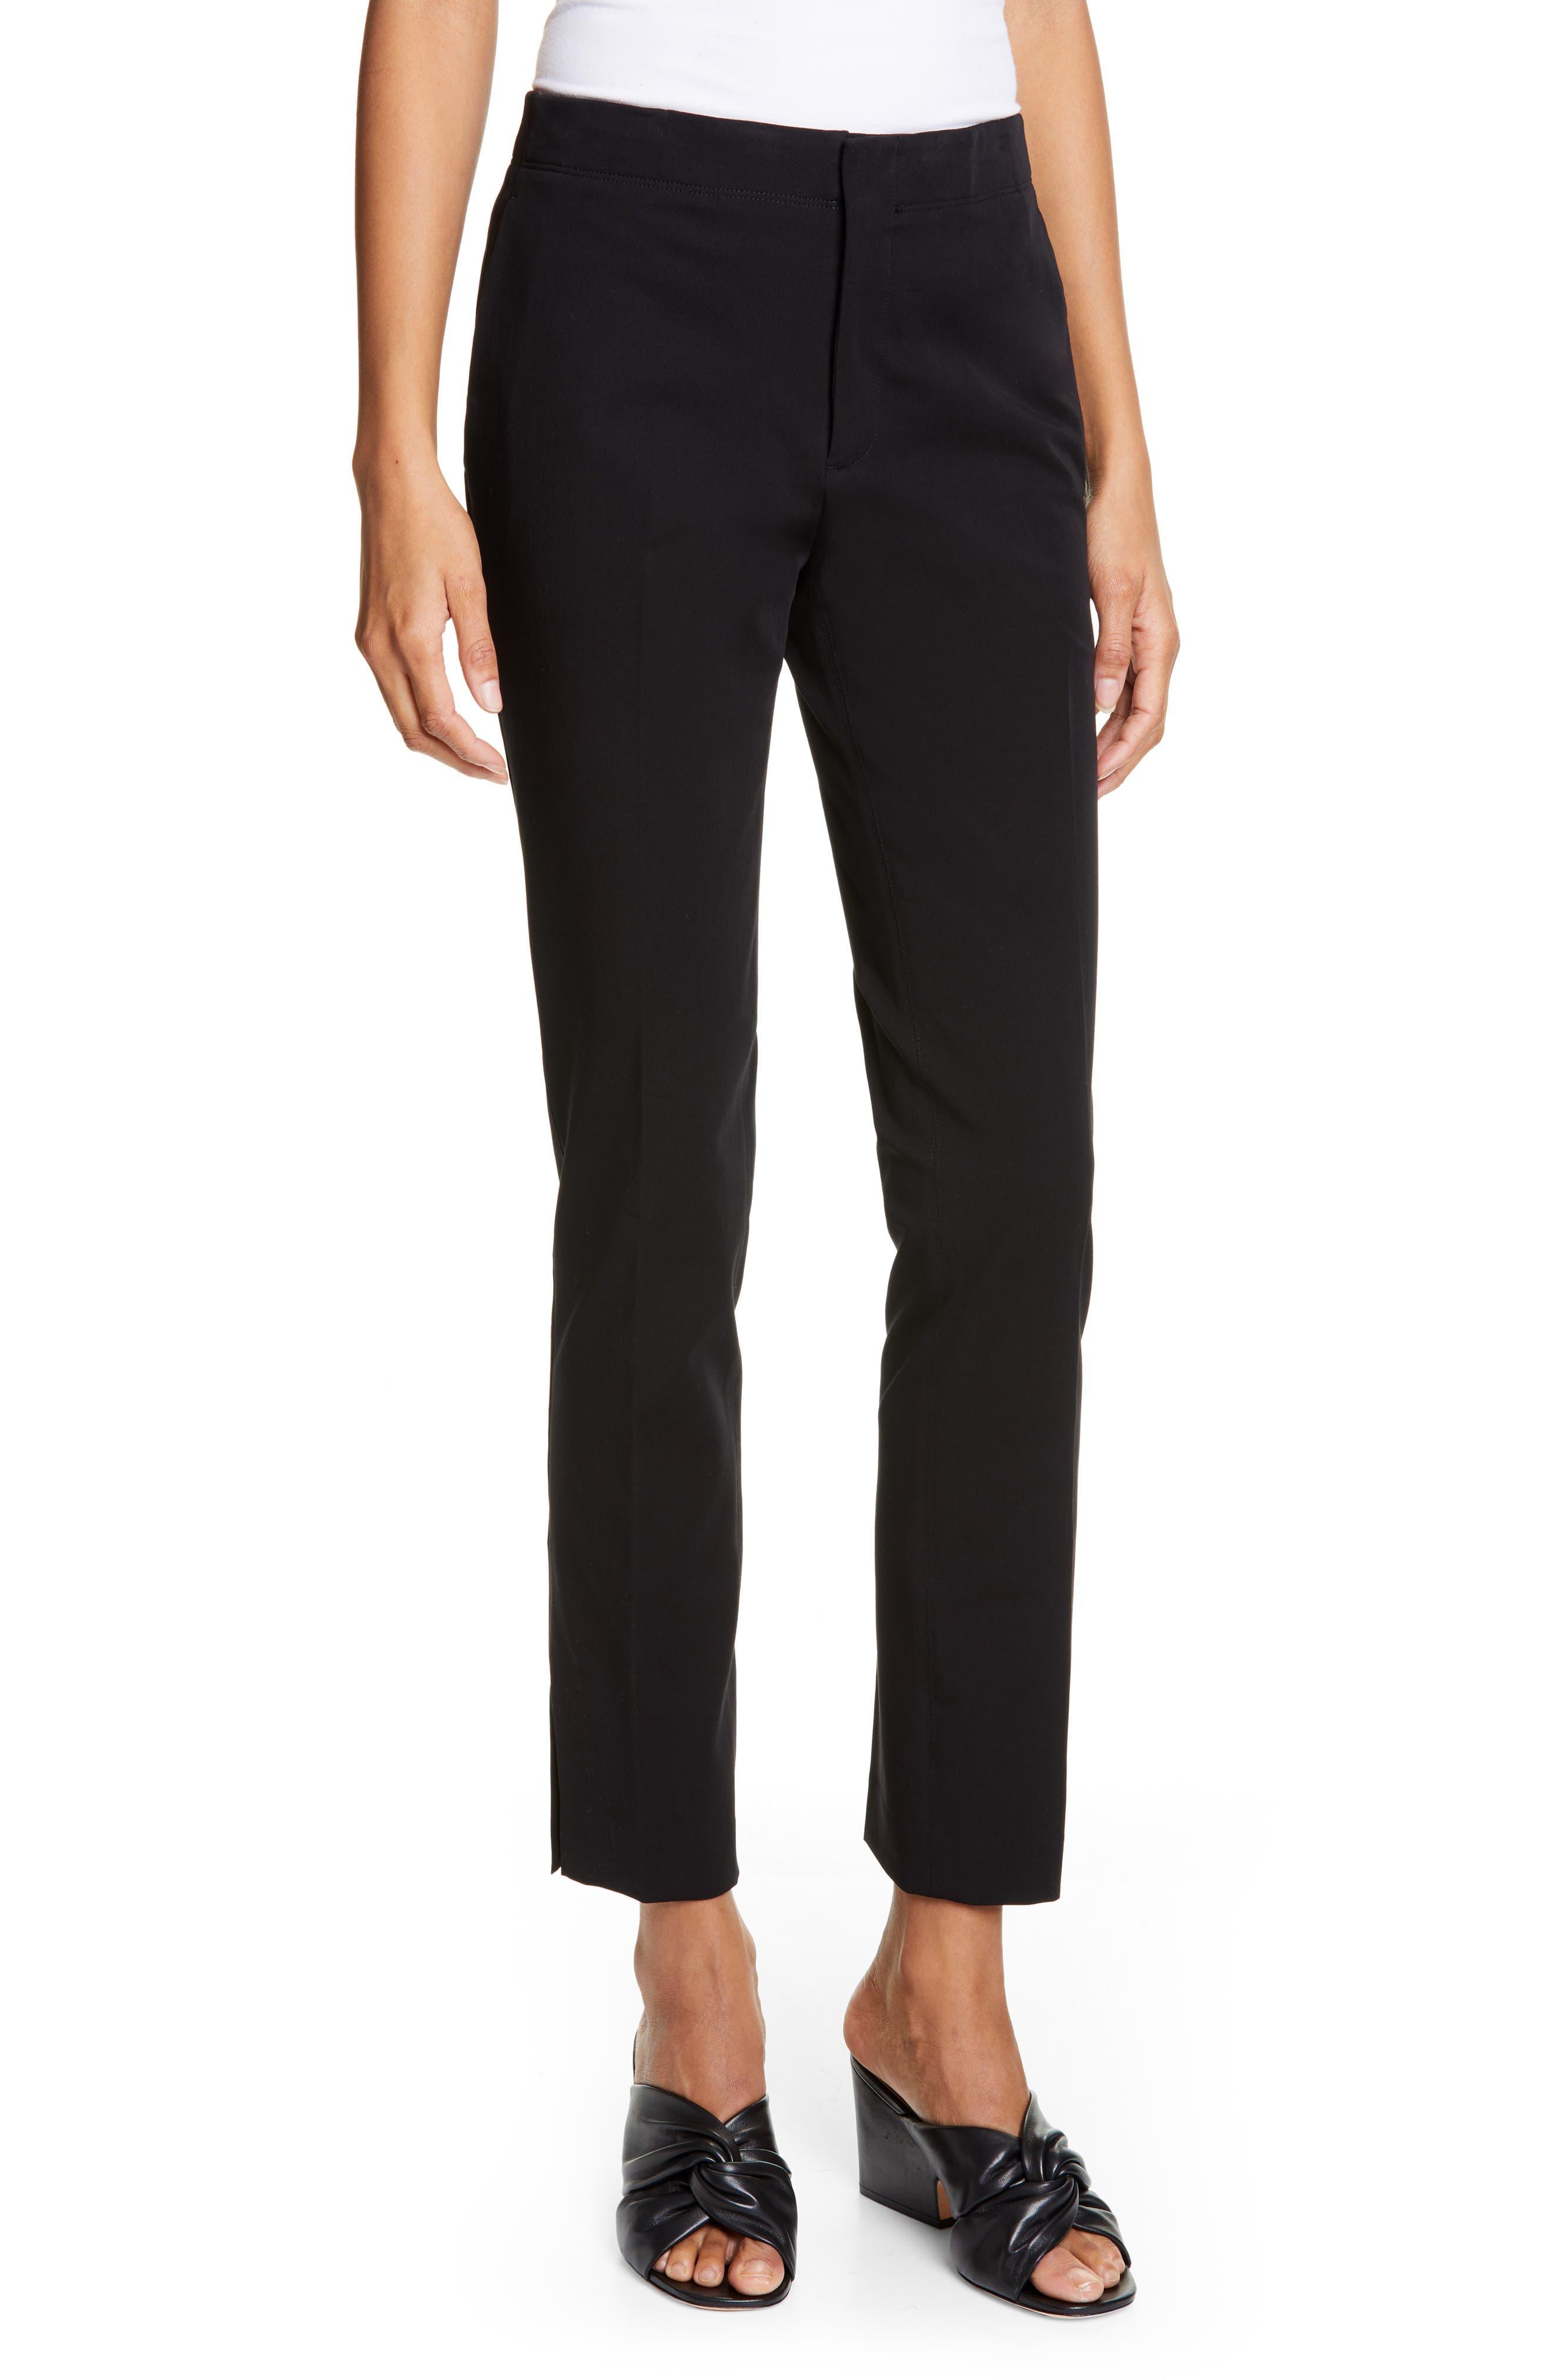 HELMUT LANG, Stretch Cotton Slim Trousers, Main thumbnail 1, color, BLACK